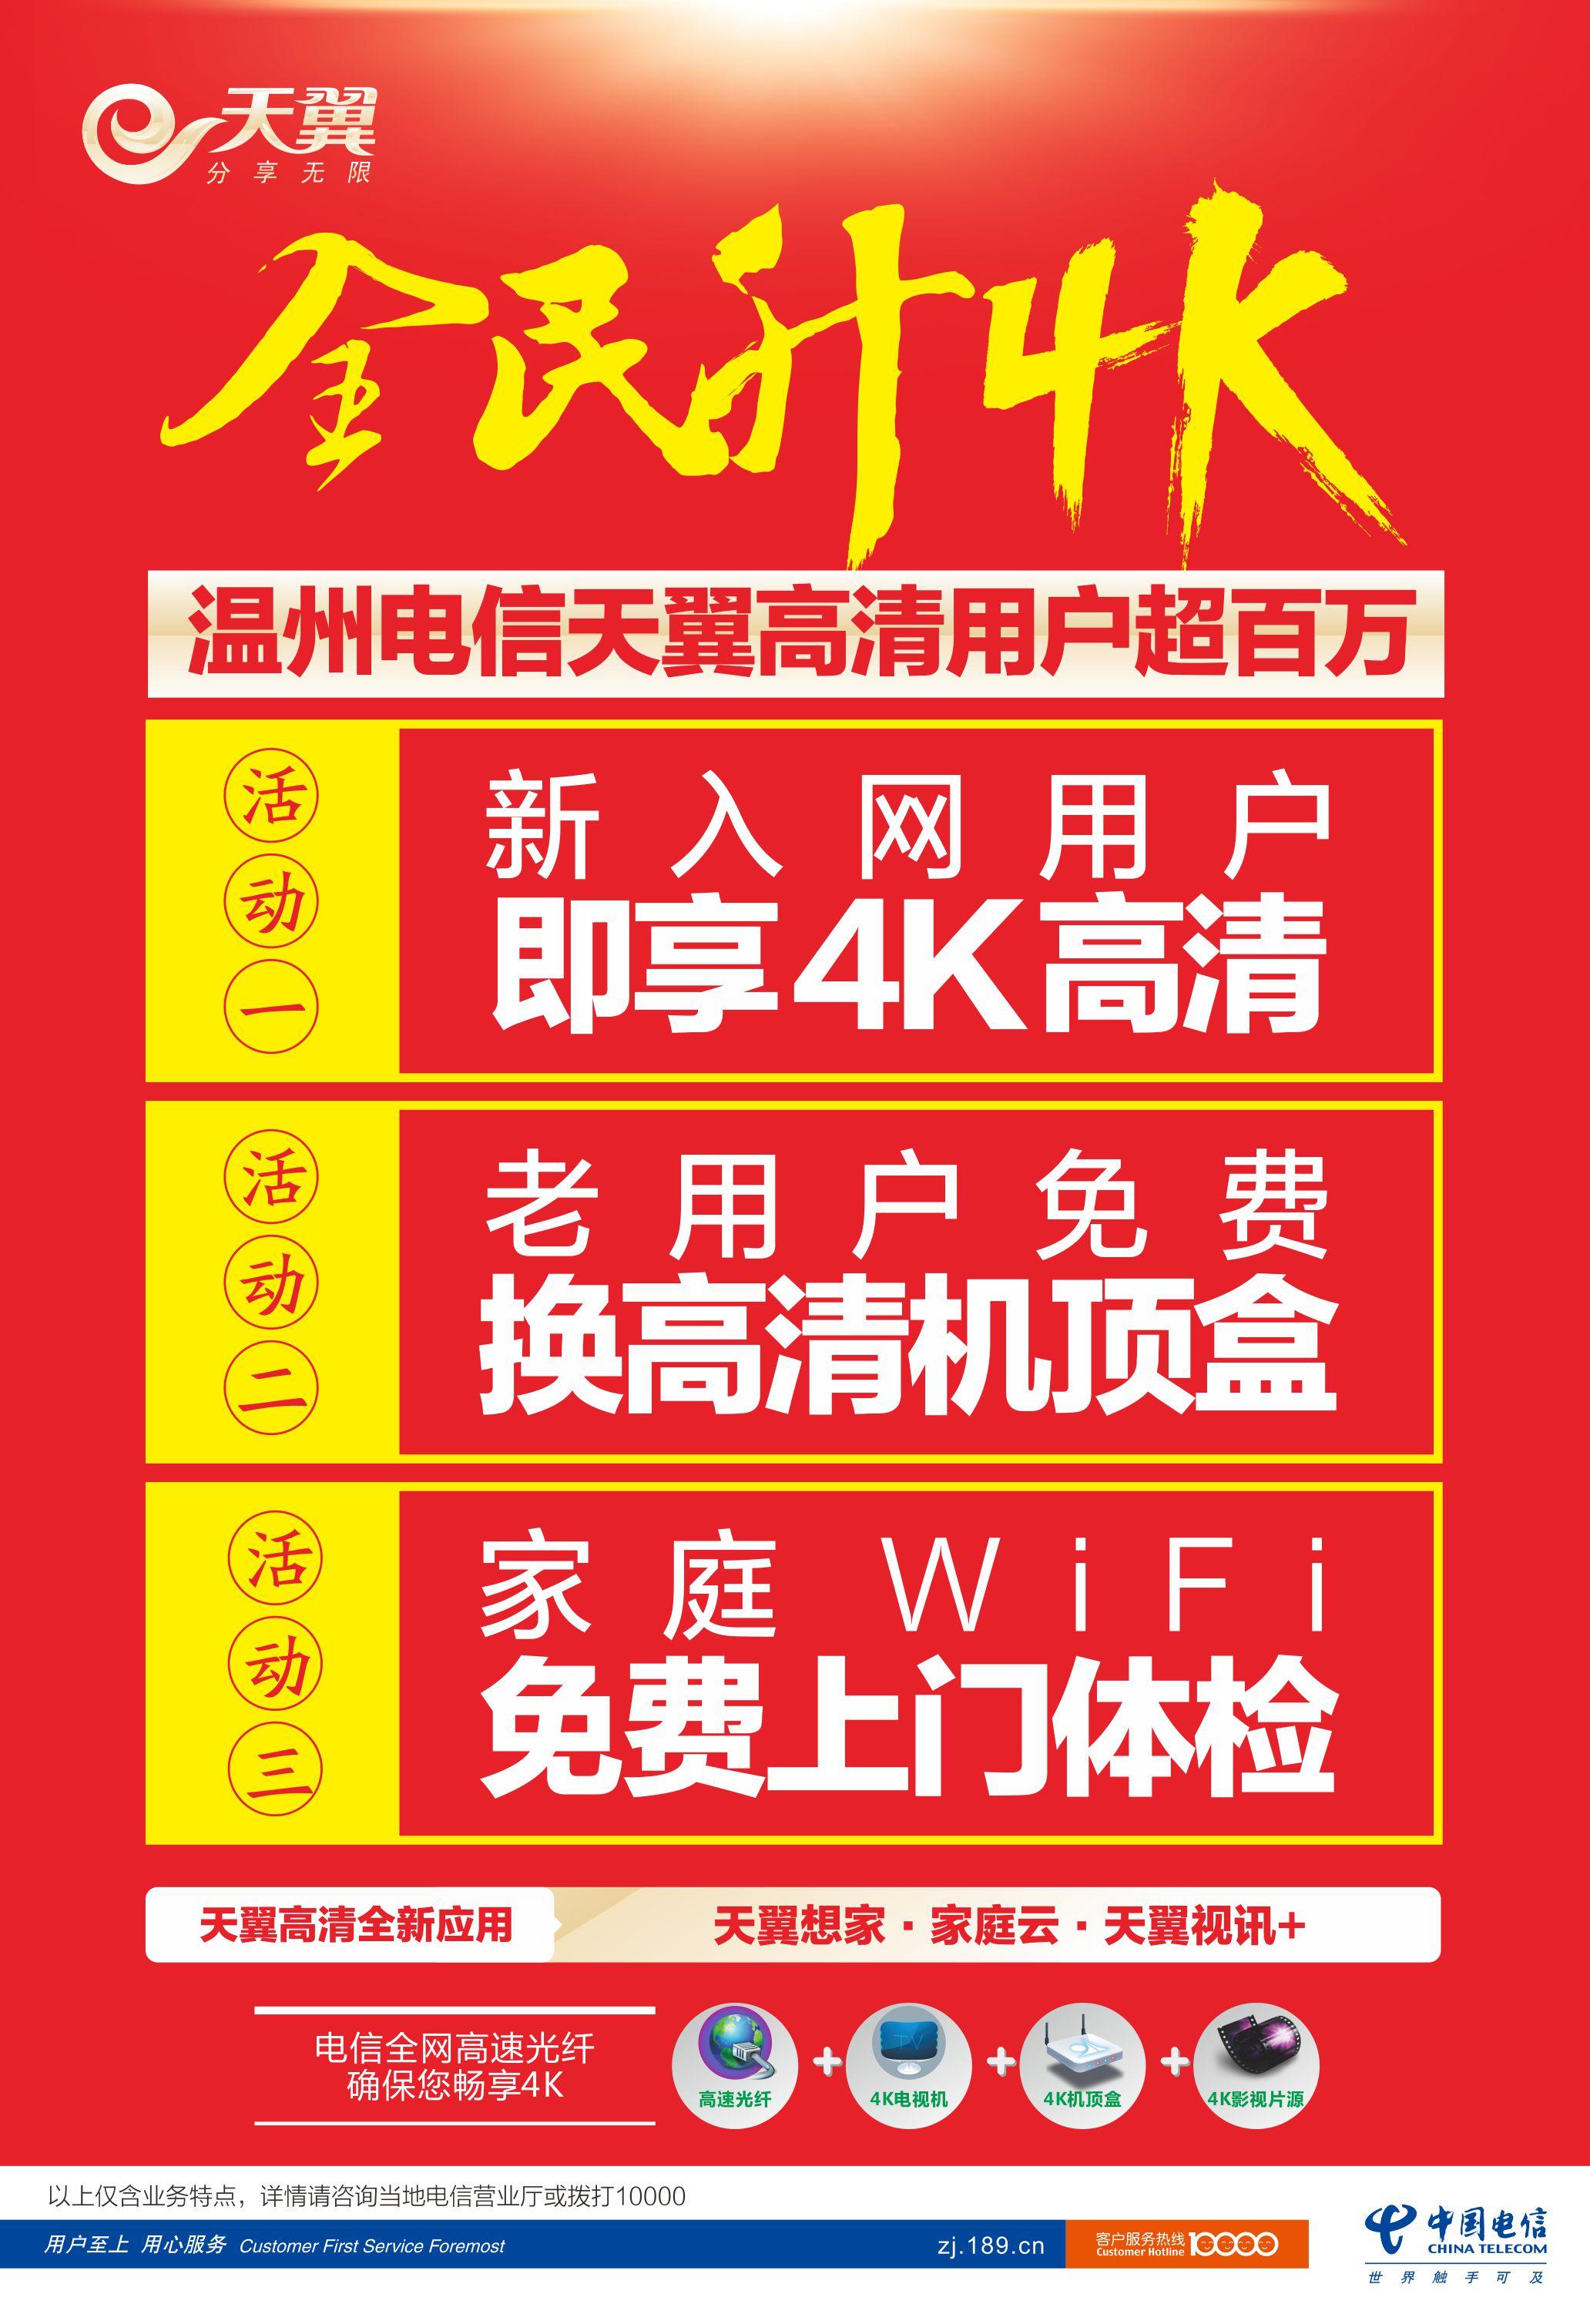 温州电信天翼高清用户突破100万  全民即日起可免费升级4K高清!